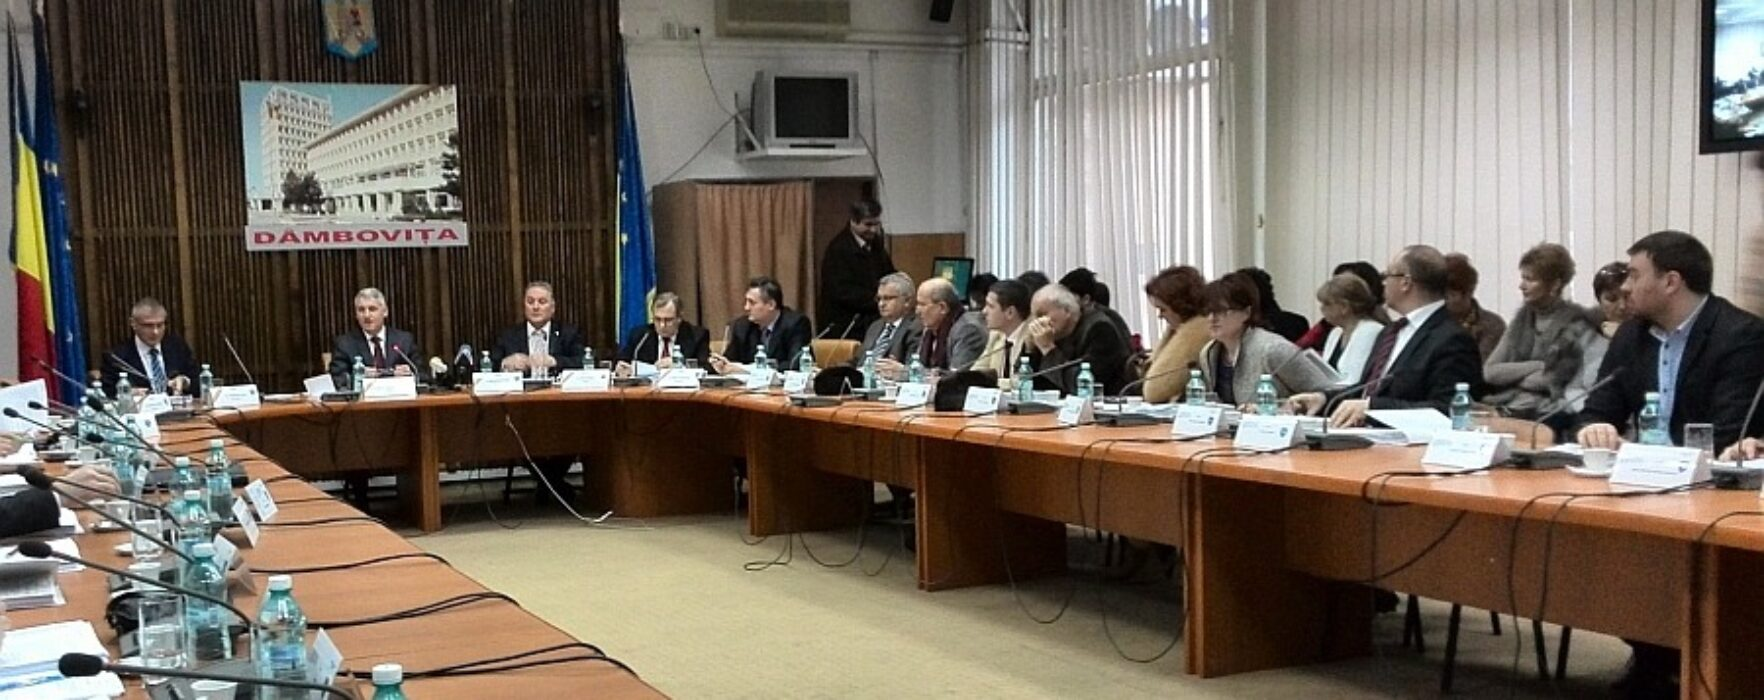 Şedinţă comună CJ Dâmboviţa-Consiliul Raional Ştefan Vodă din Republica Moldova